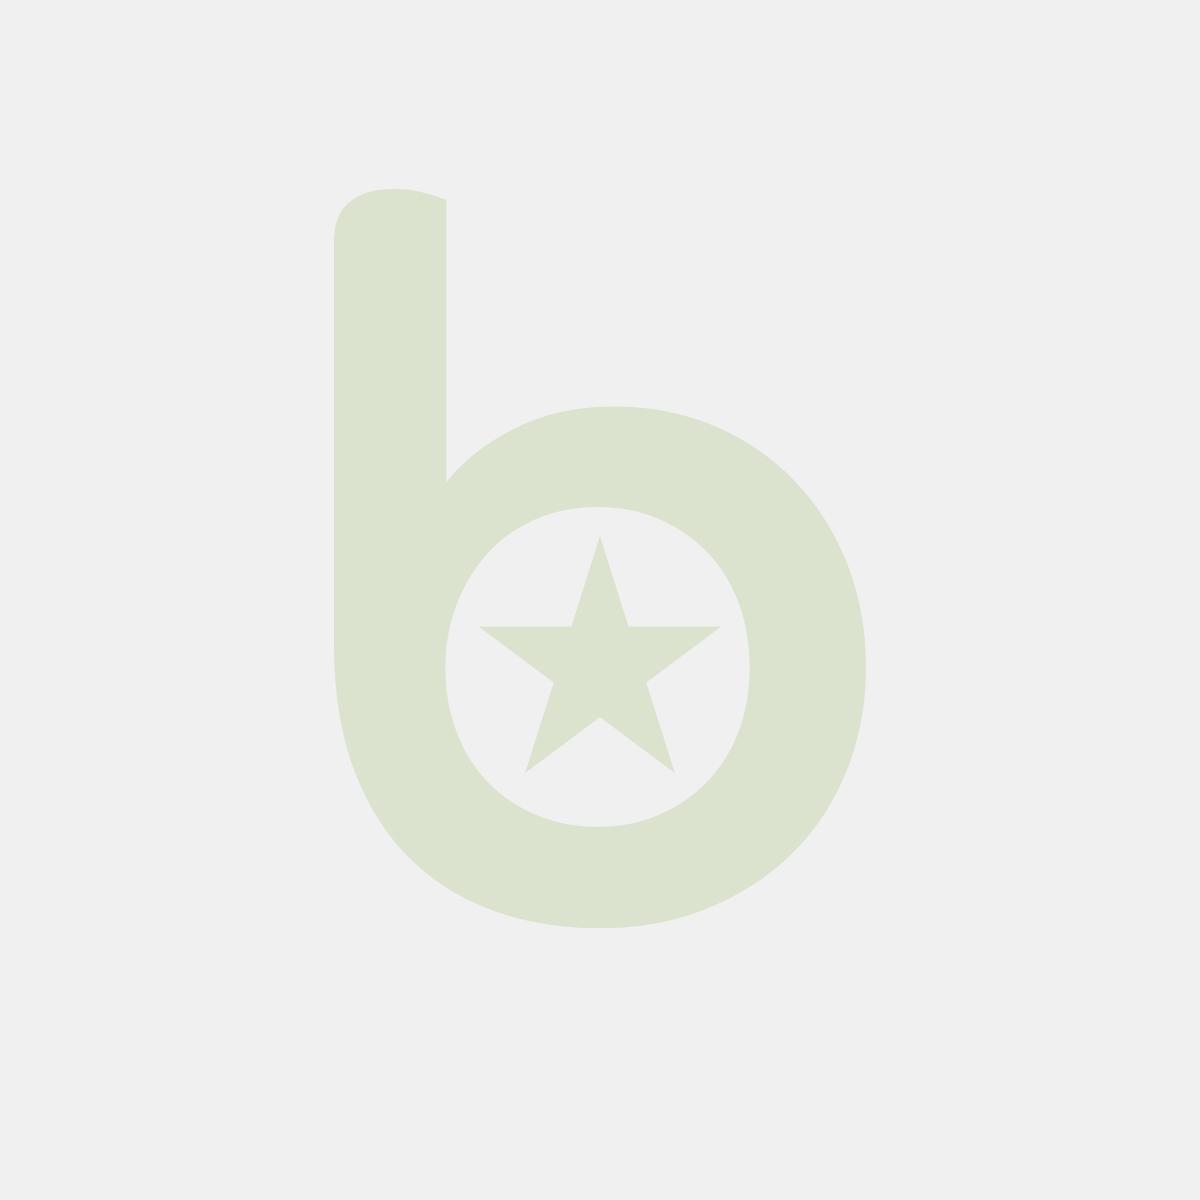 Miseczka FINGERFOOD biała, PS, 7,2/7,2 cm, 25 szt. w opakowaniu